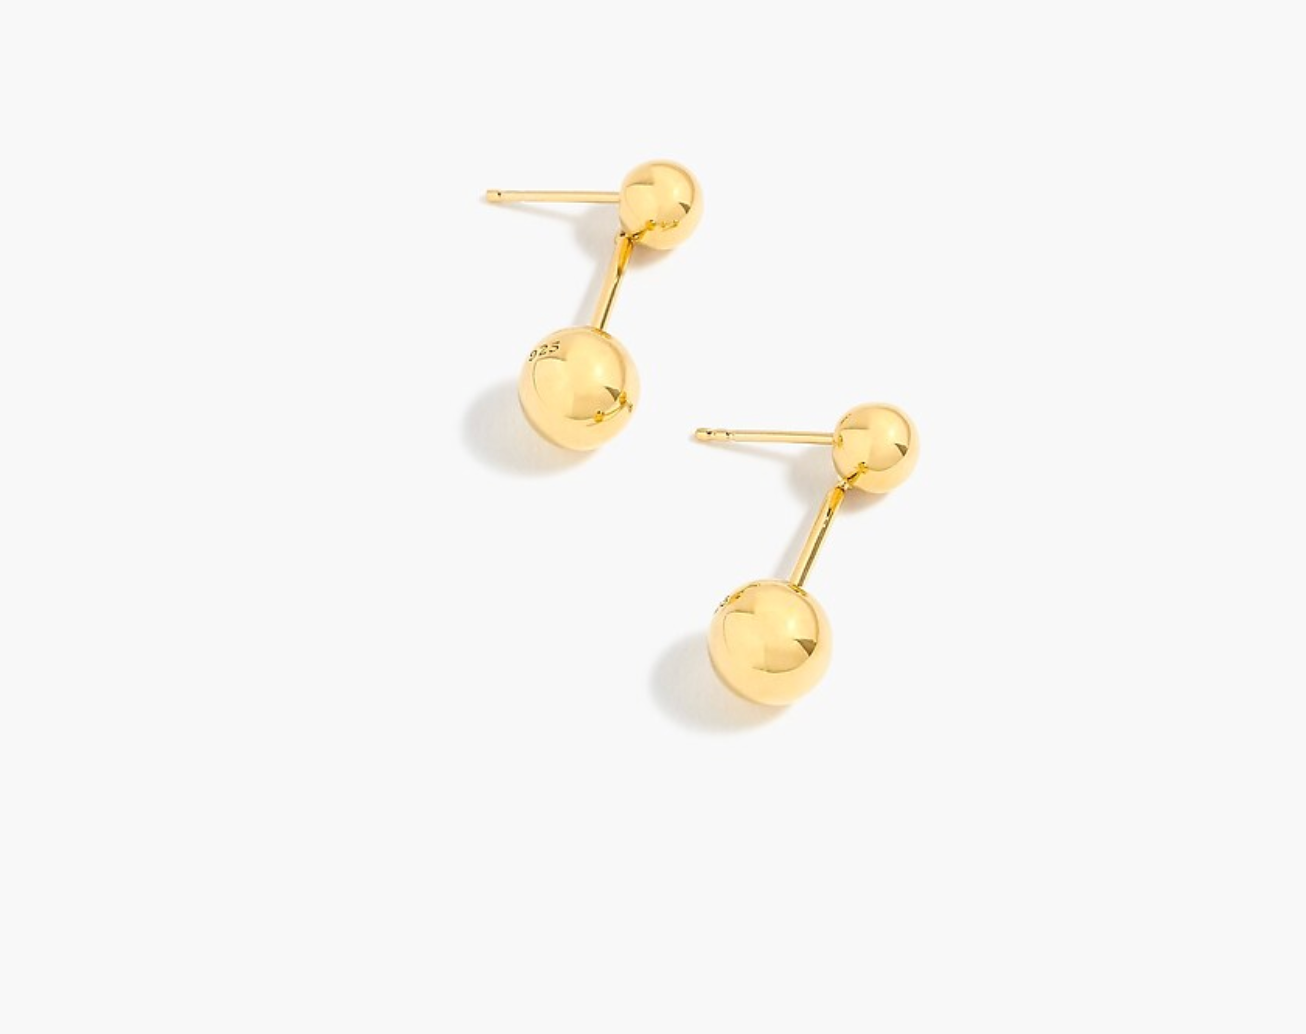 Demi-fine 14k gold-plated double-orb earrings